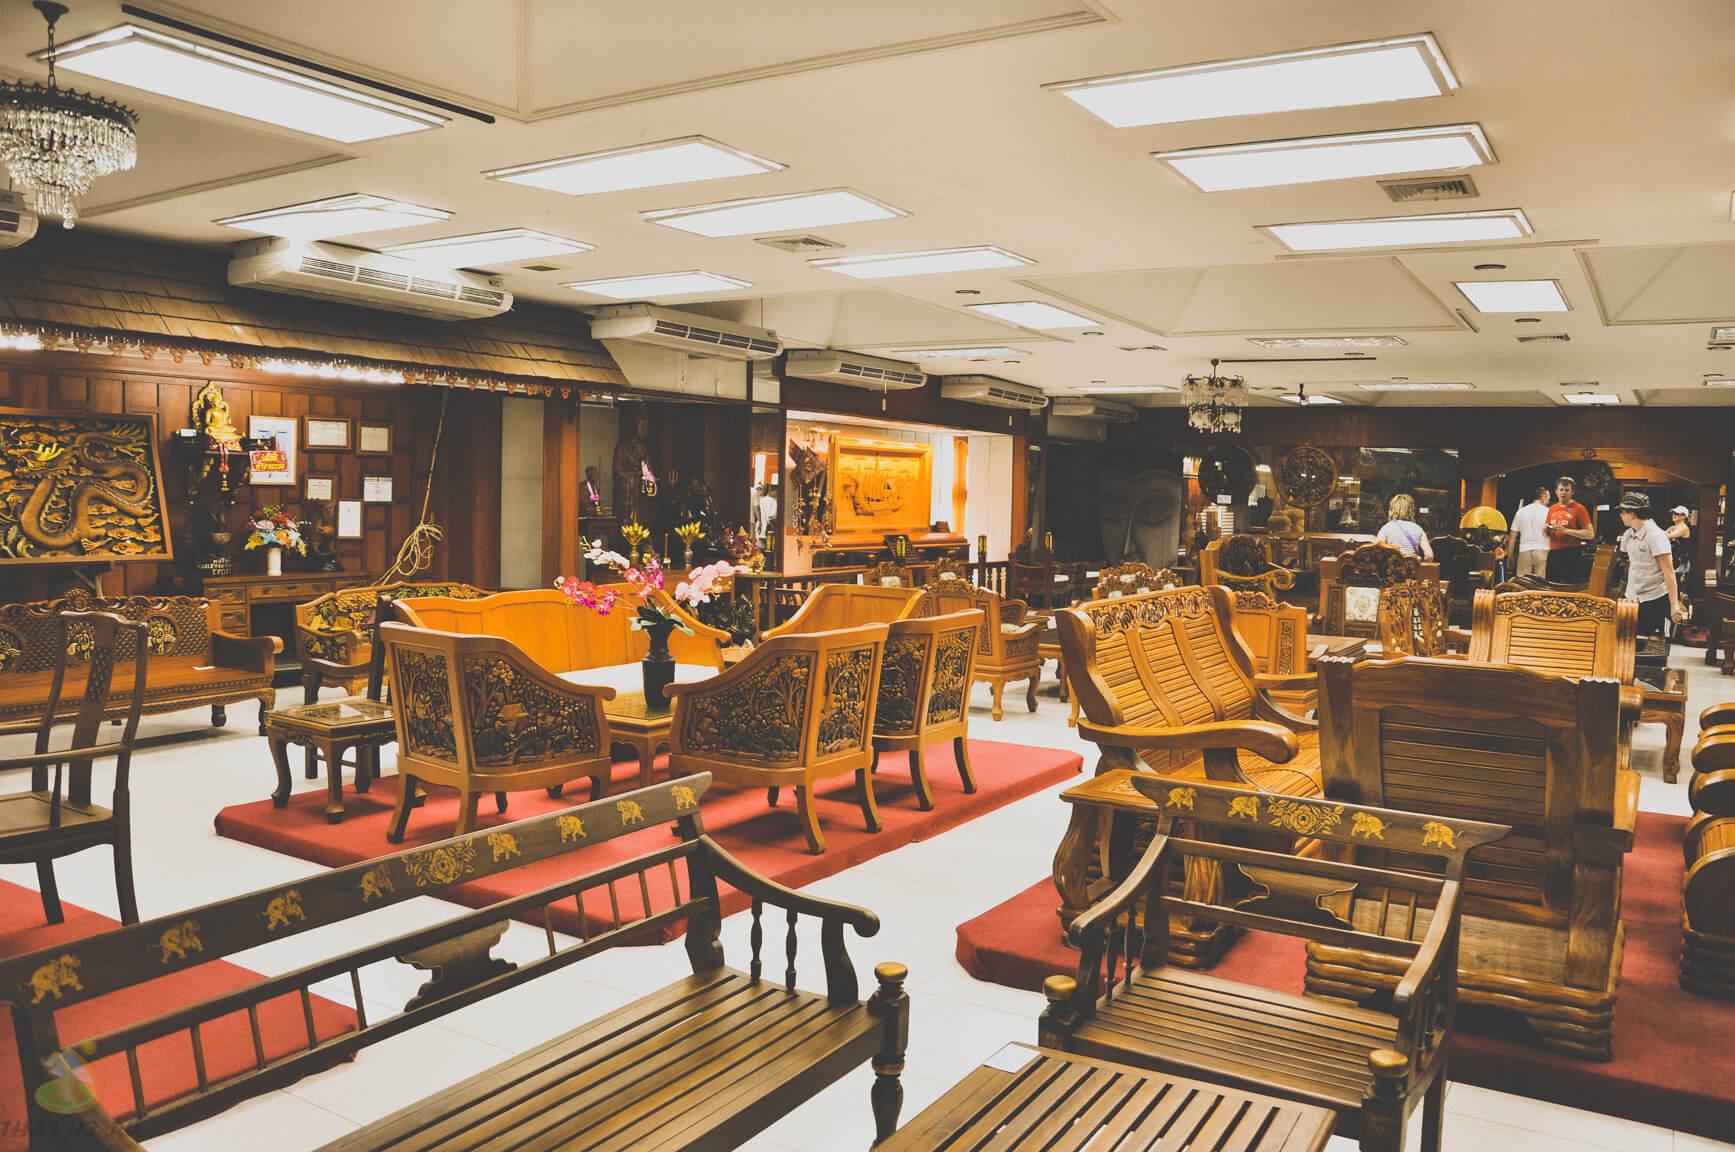 Зал с мебелью на тиковой фабрике